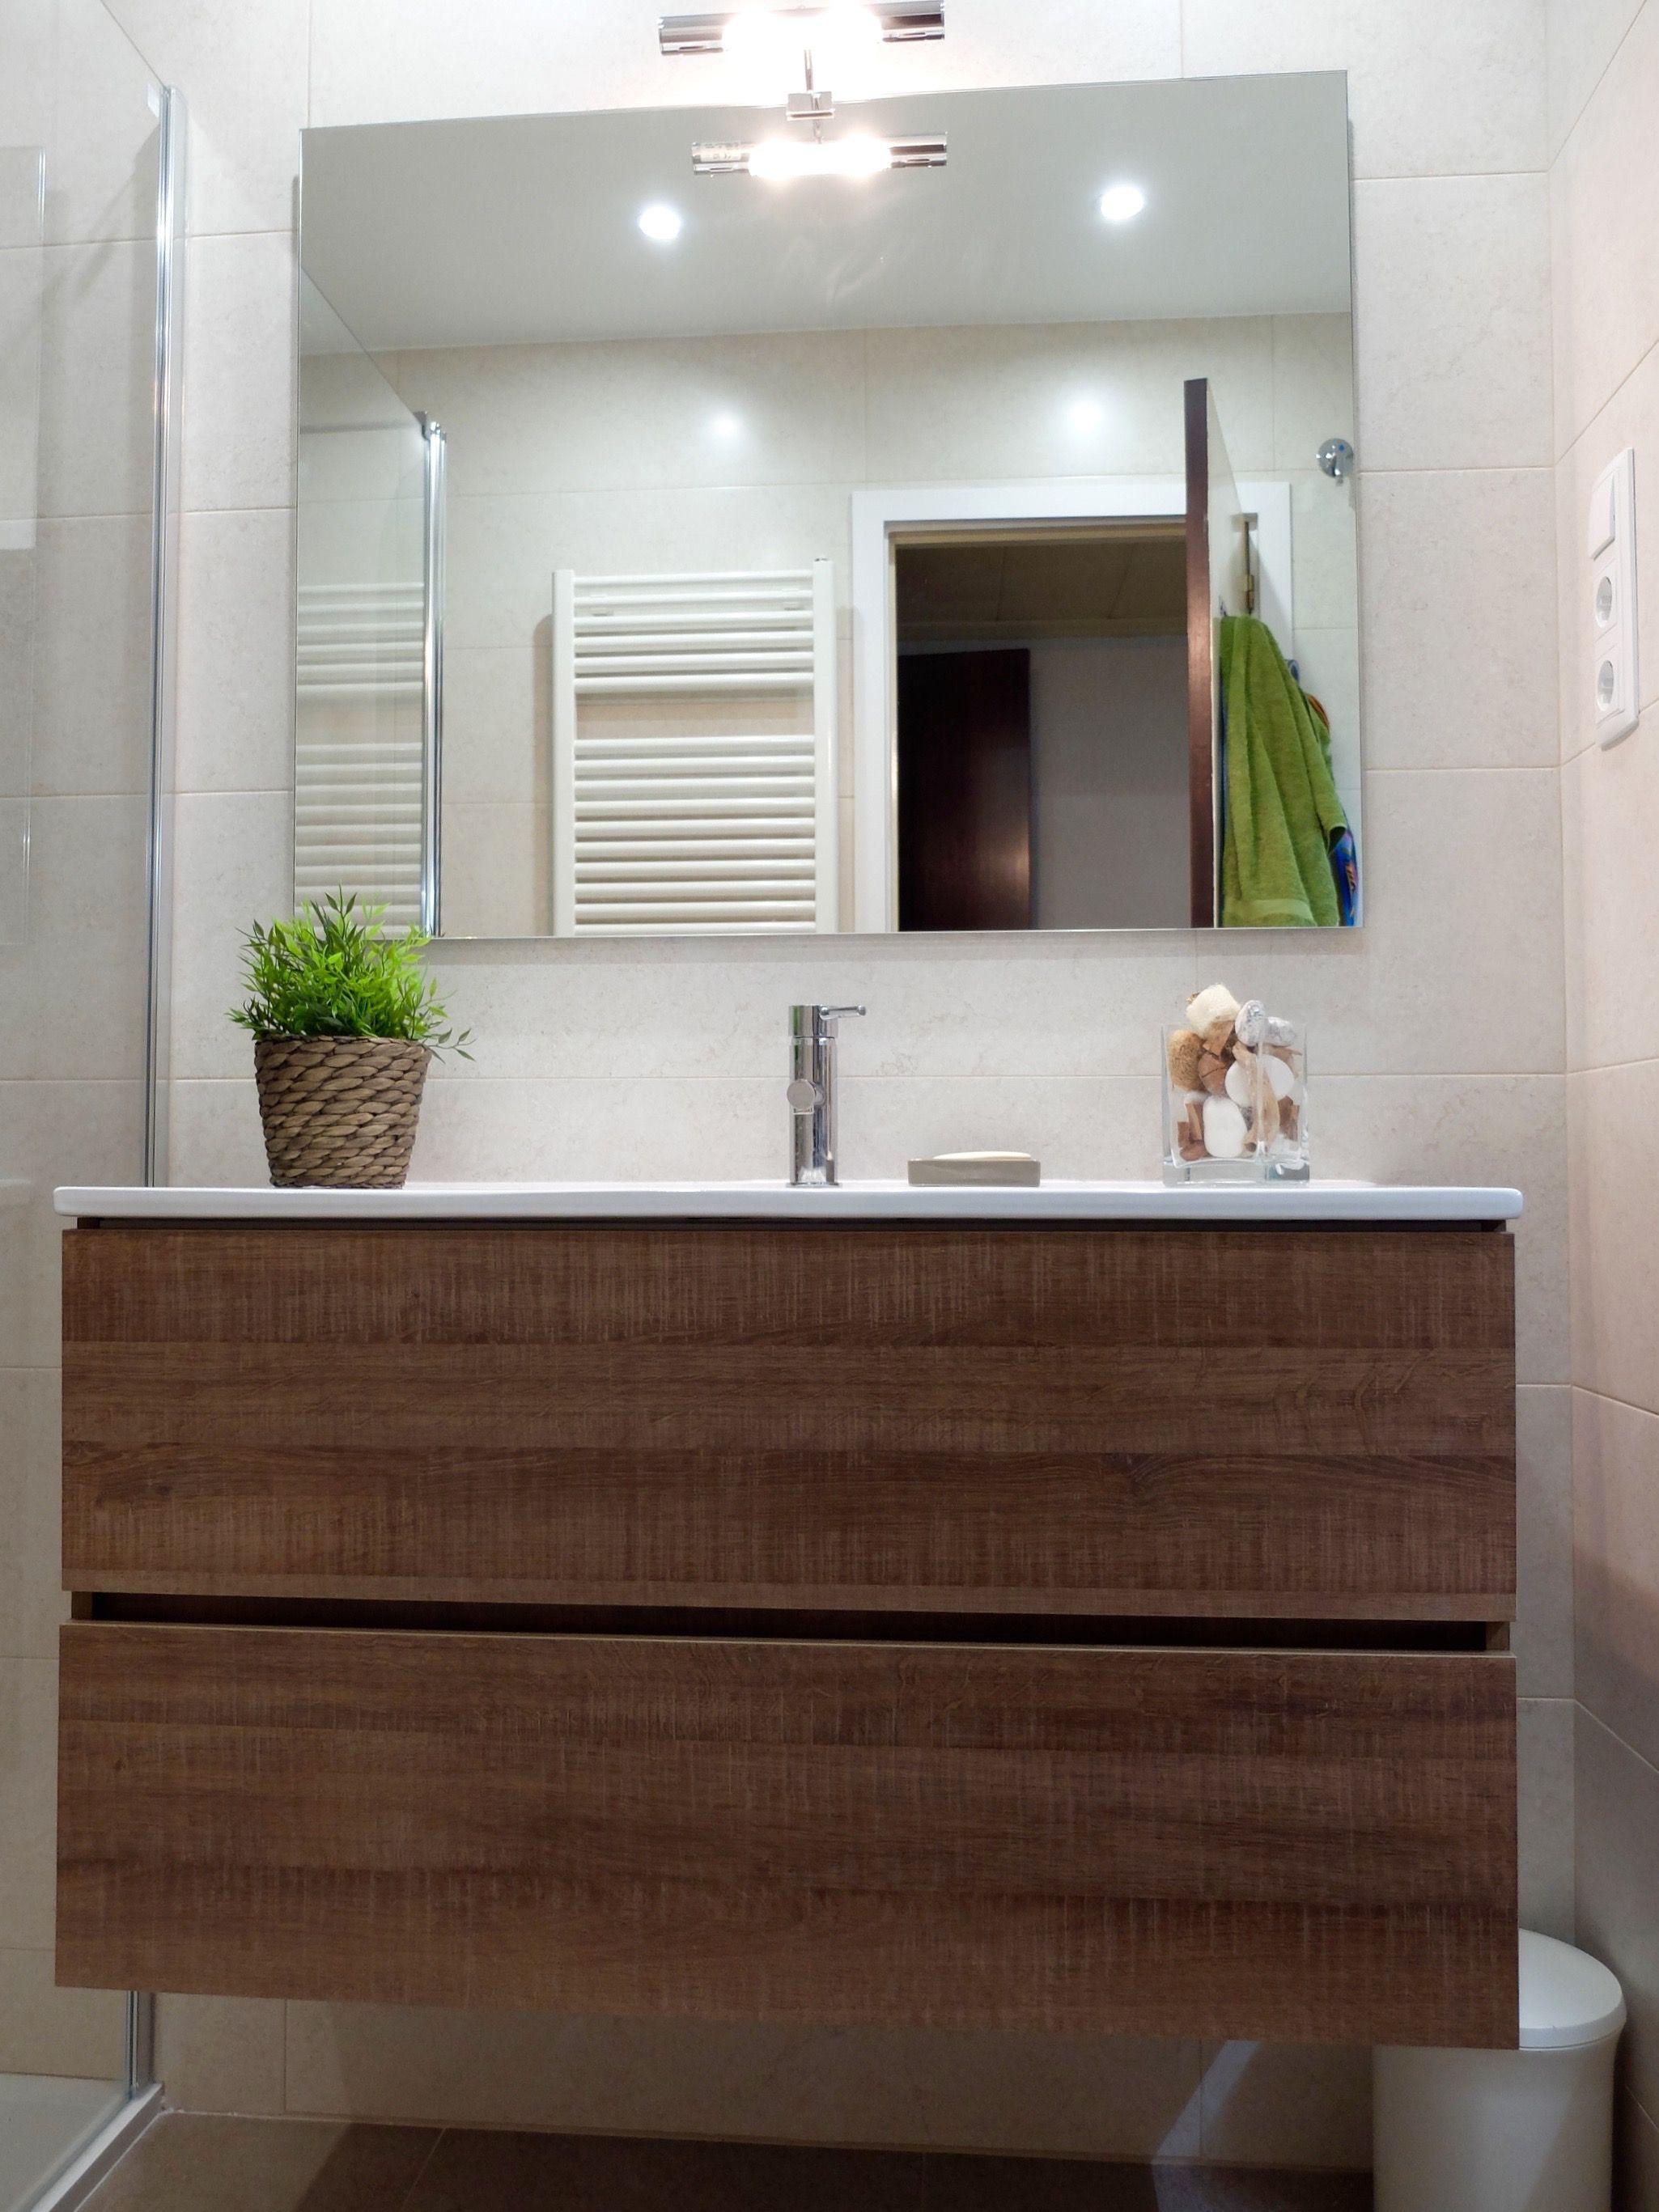 Mueble de lavabo con acabado madera reforma de ba o en - Accesible reformas ...